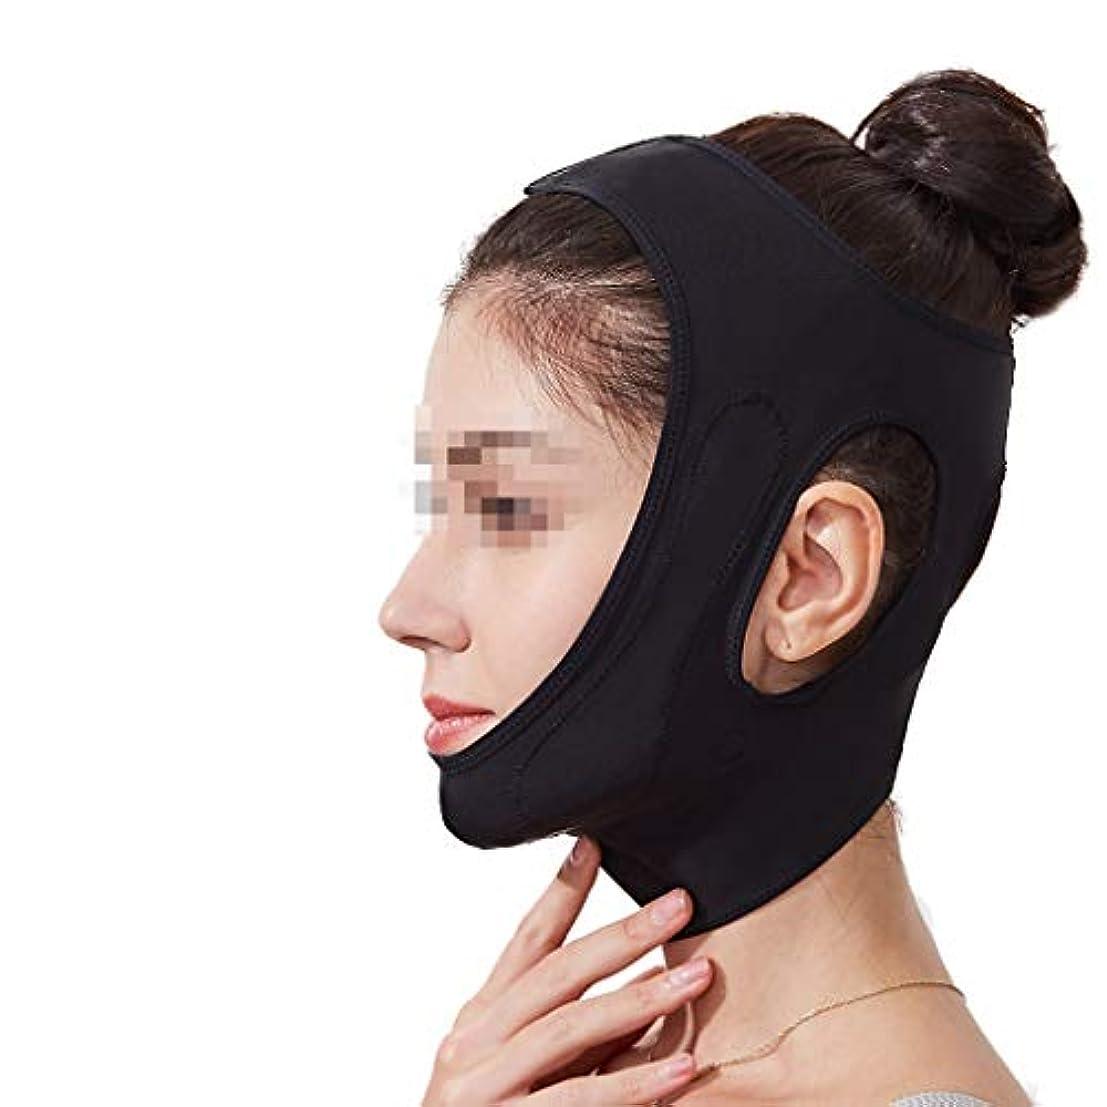 キャラクター可聴怖いフェイスリフティング包帯、フェイスマスクフェイスリフトあご快適な顔マルチカラーオプション (Color : Black)